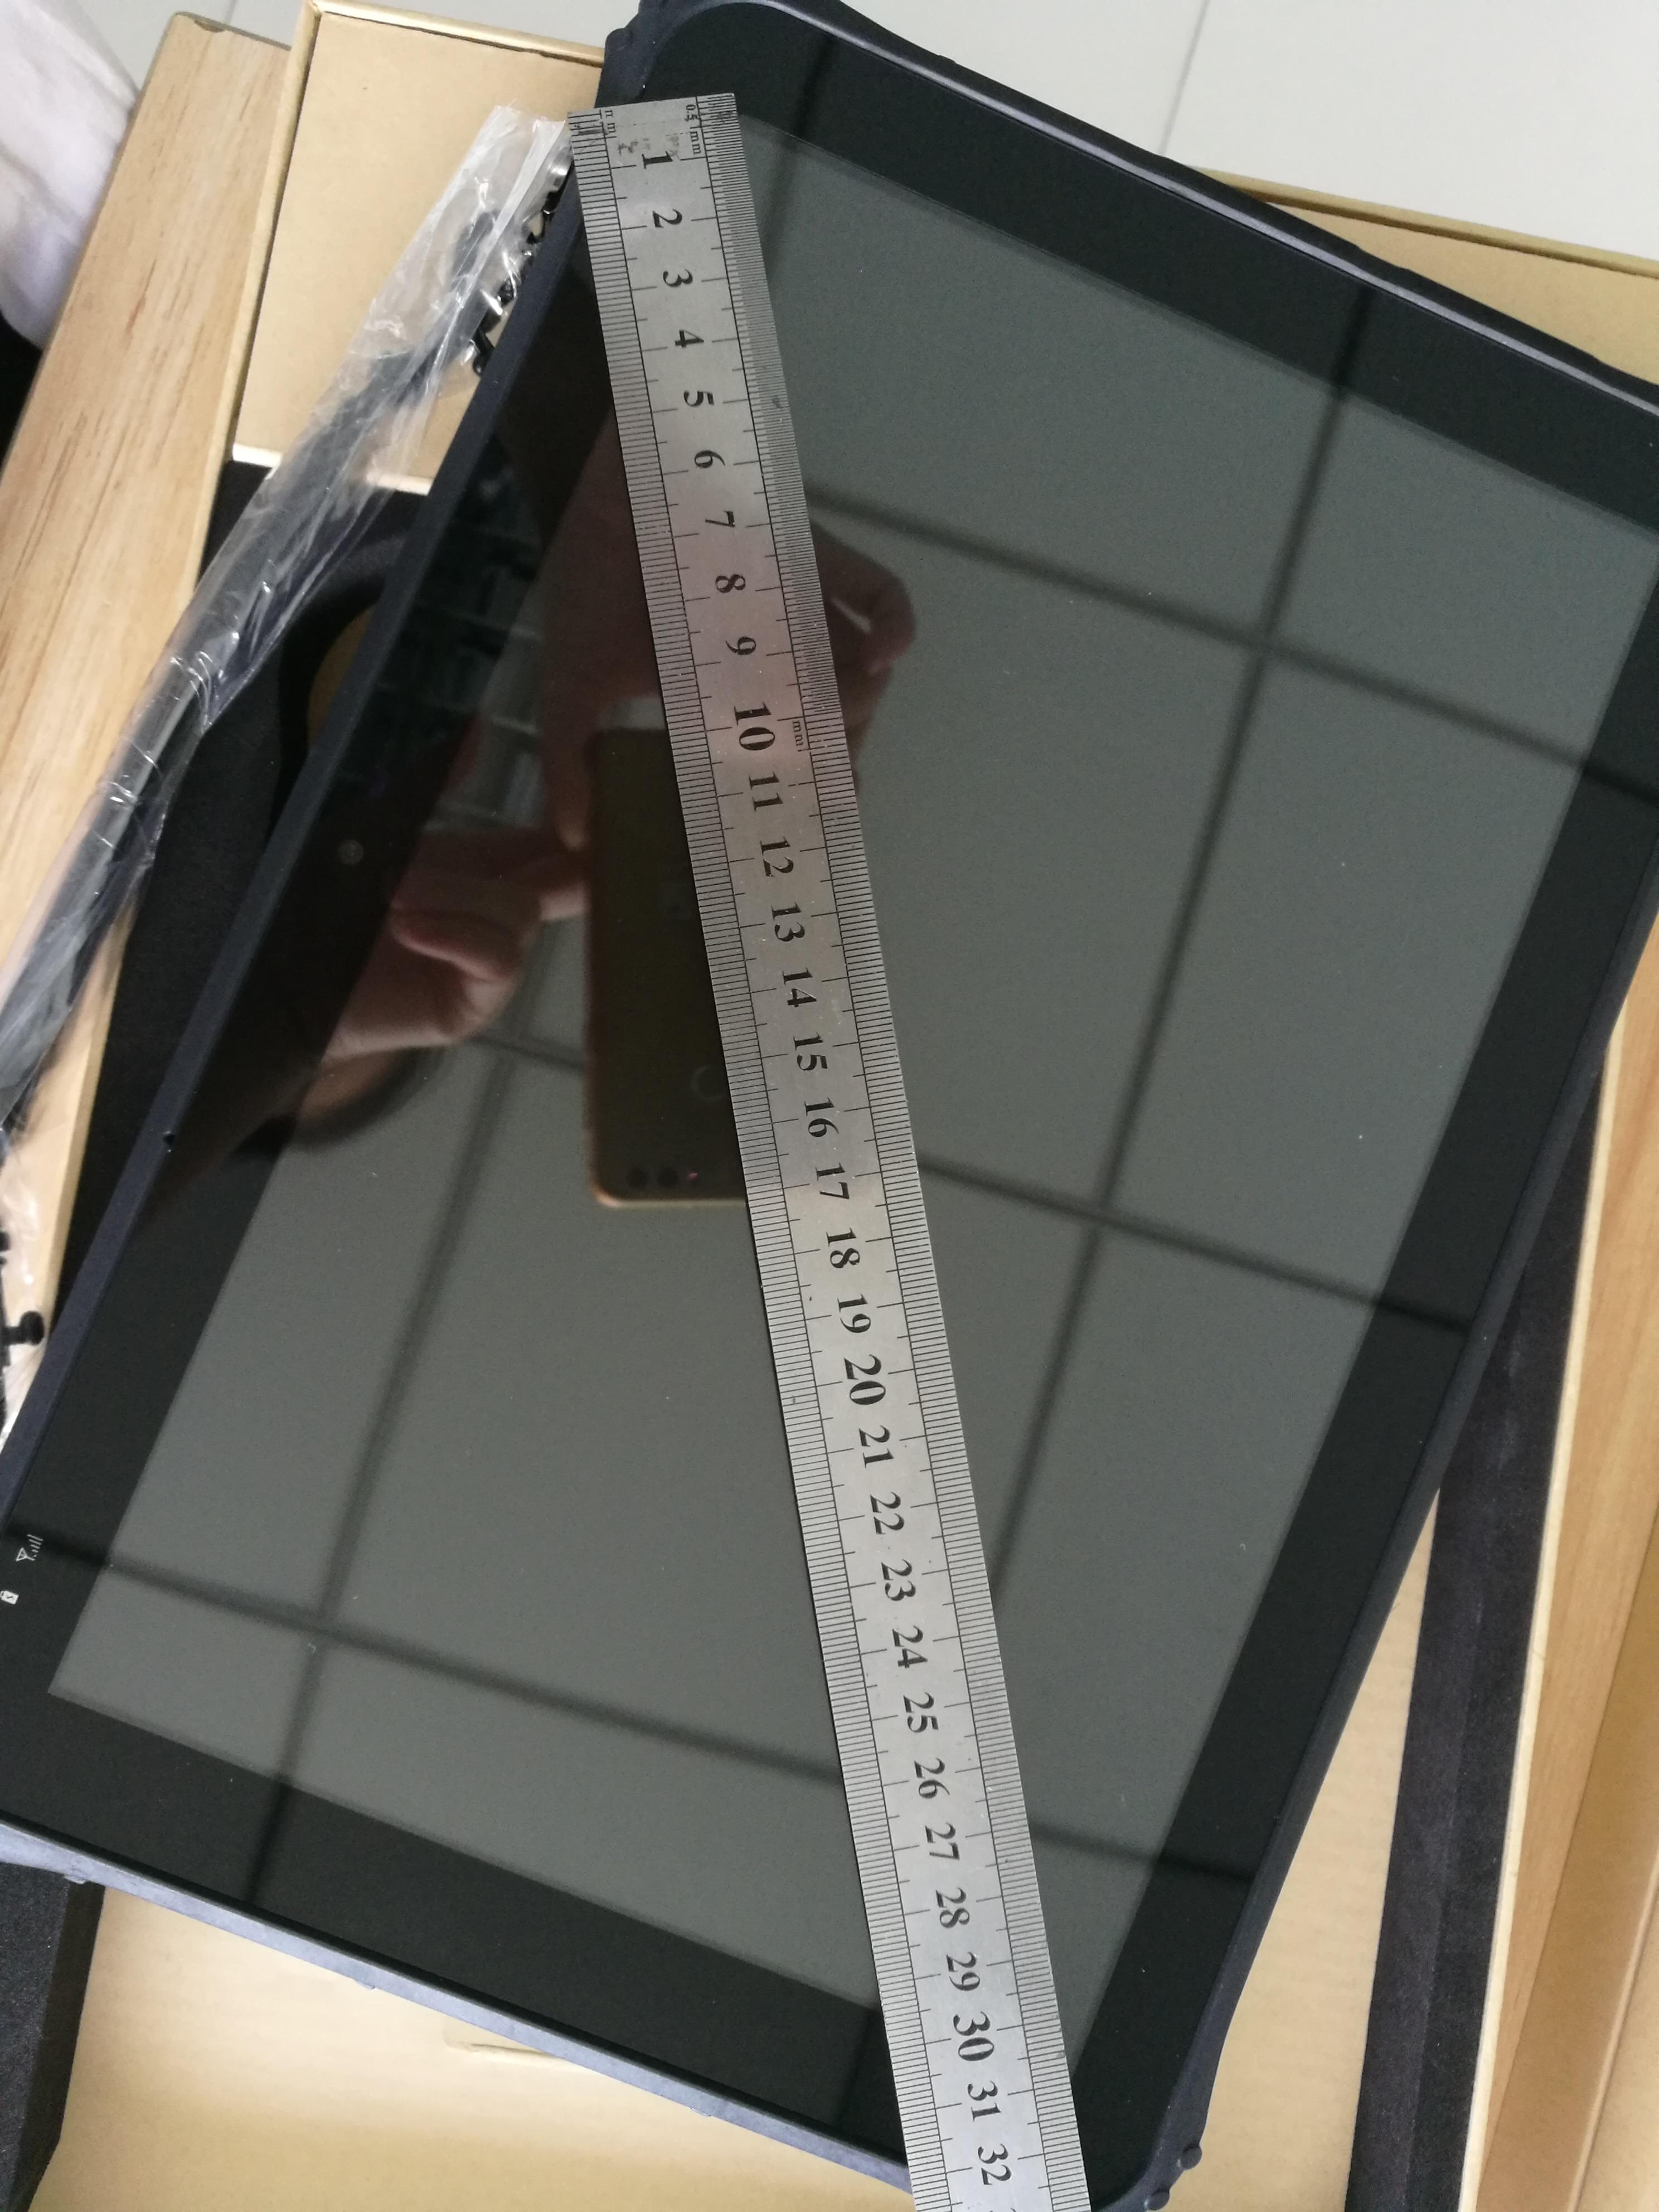 12 .2 инчни РАМ 4ГБ РОМ 128ГБ Виндовс 10 - Индустријски рачунари и додаци - Фотографија 3